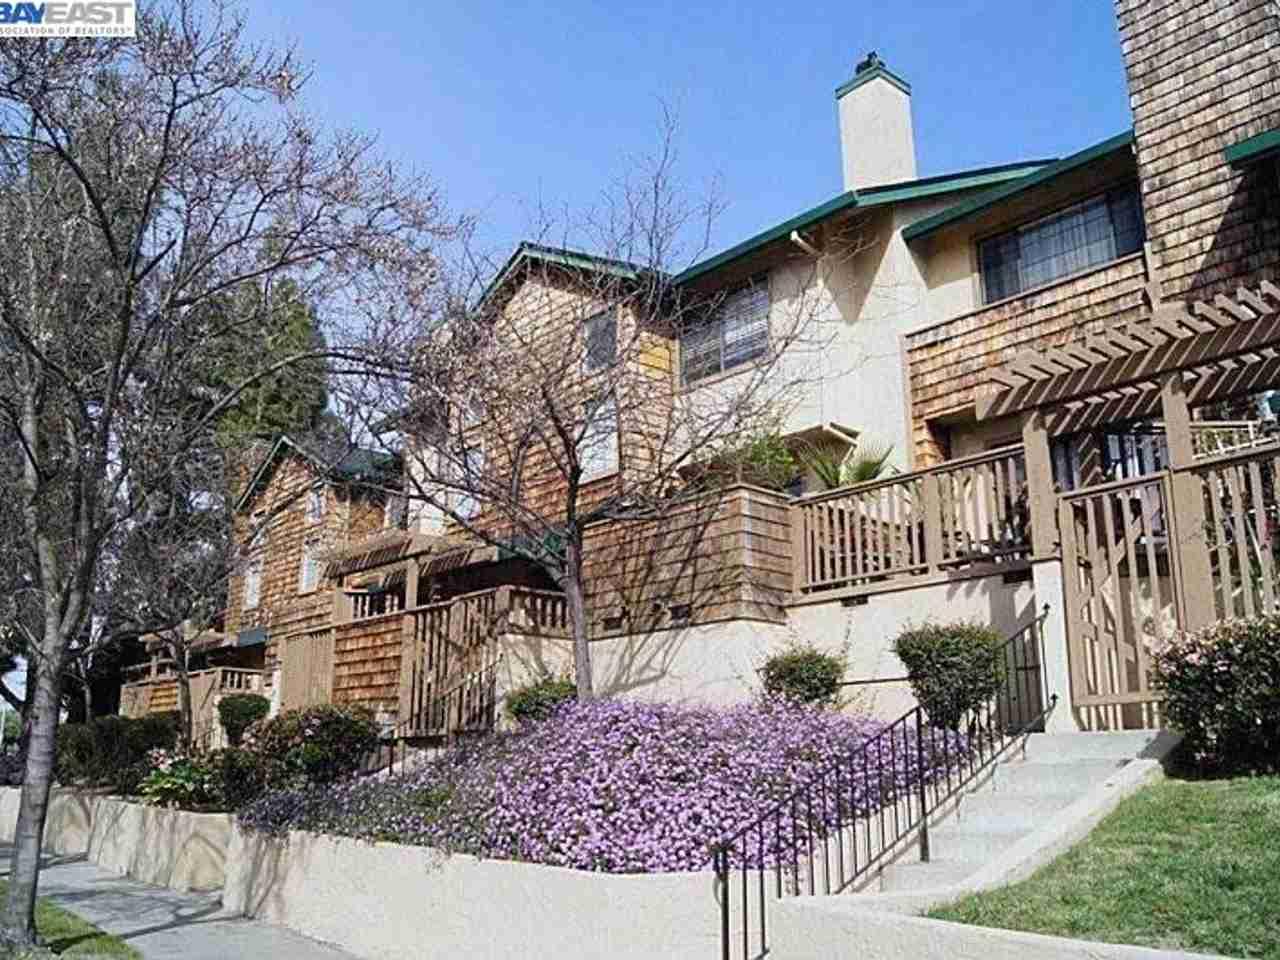 43167 Mayfair Park Ter Fremont, CA, 94538